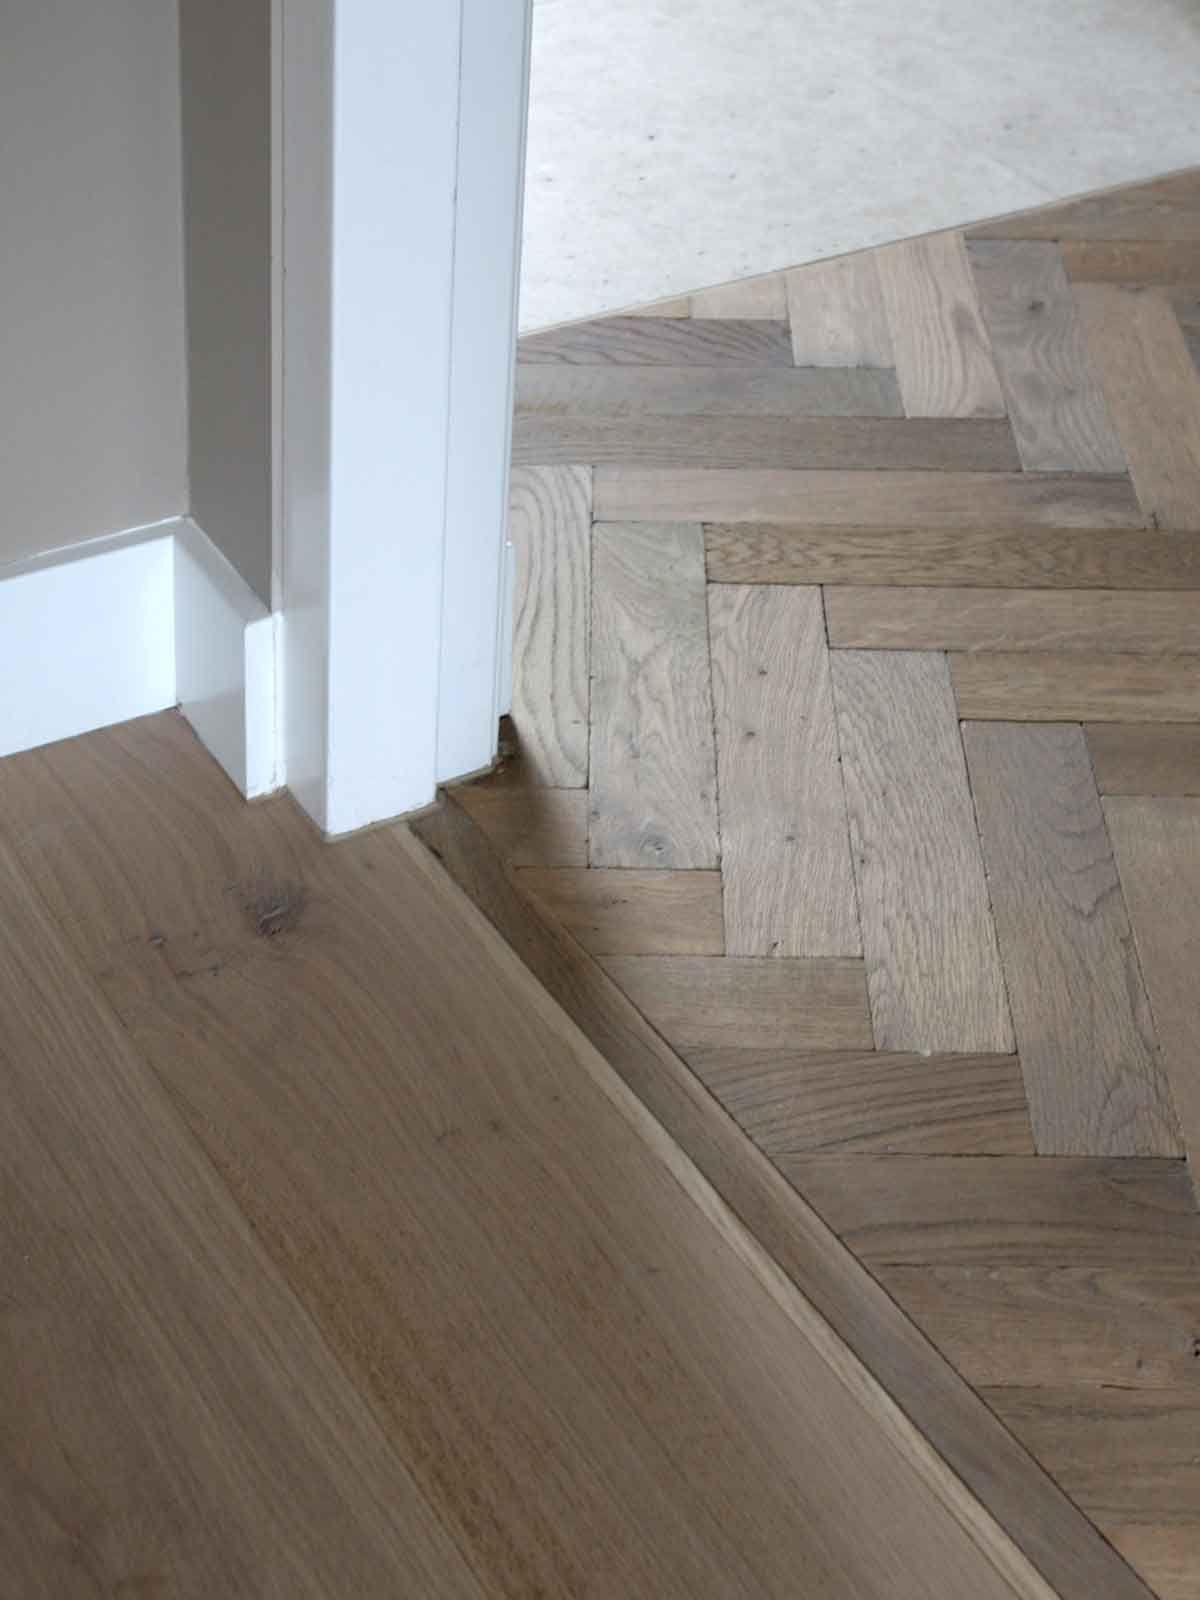 visgraat detail stoerevloeren p houten vloeren pinterest